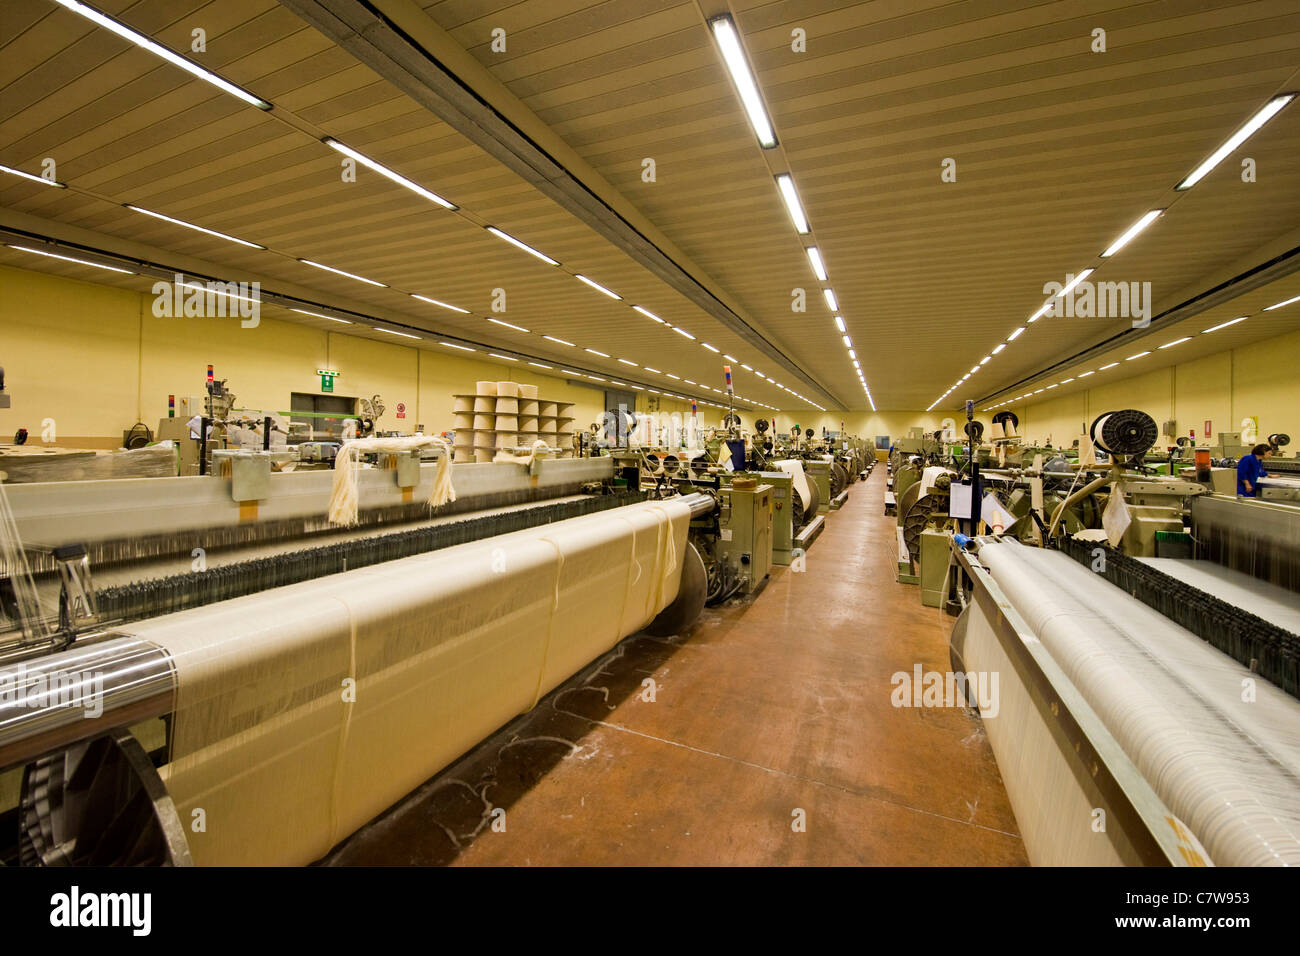 L'industrie textile Photo Stock